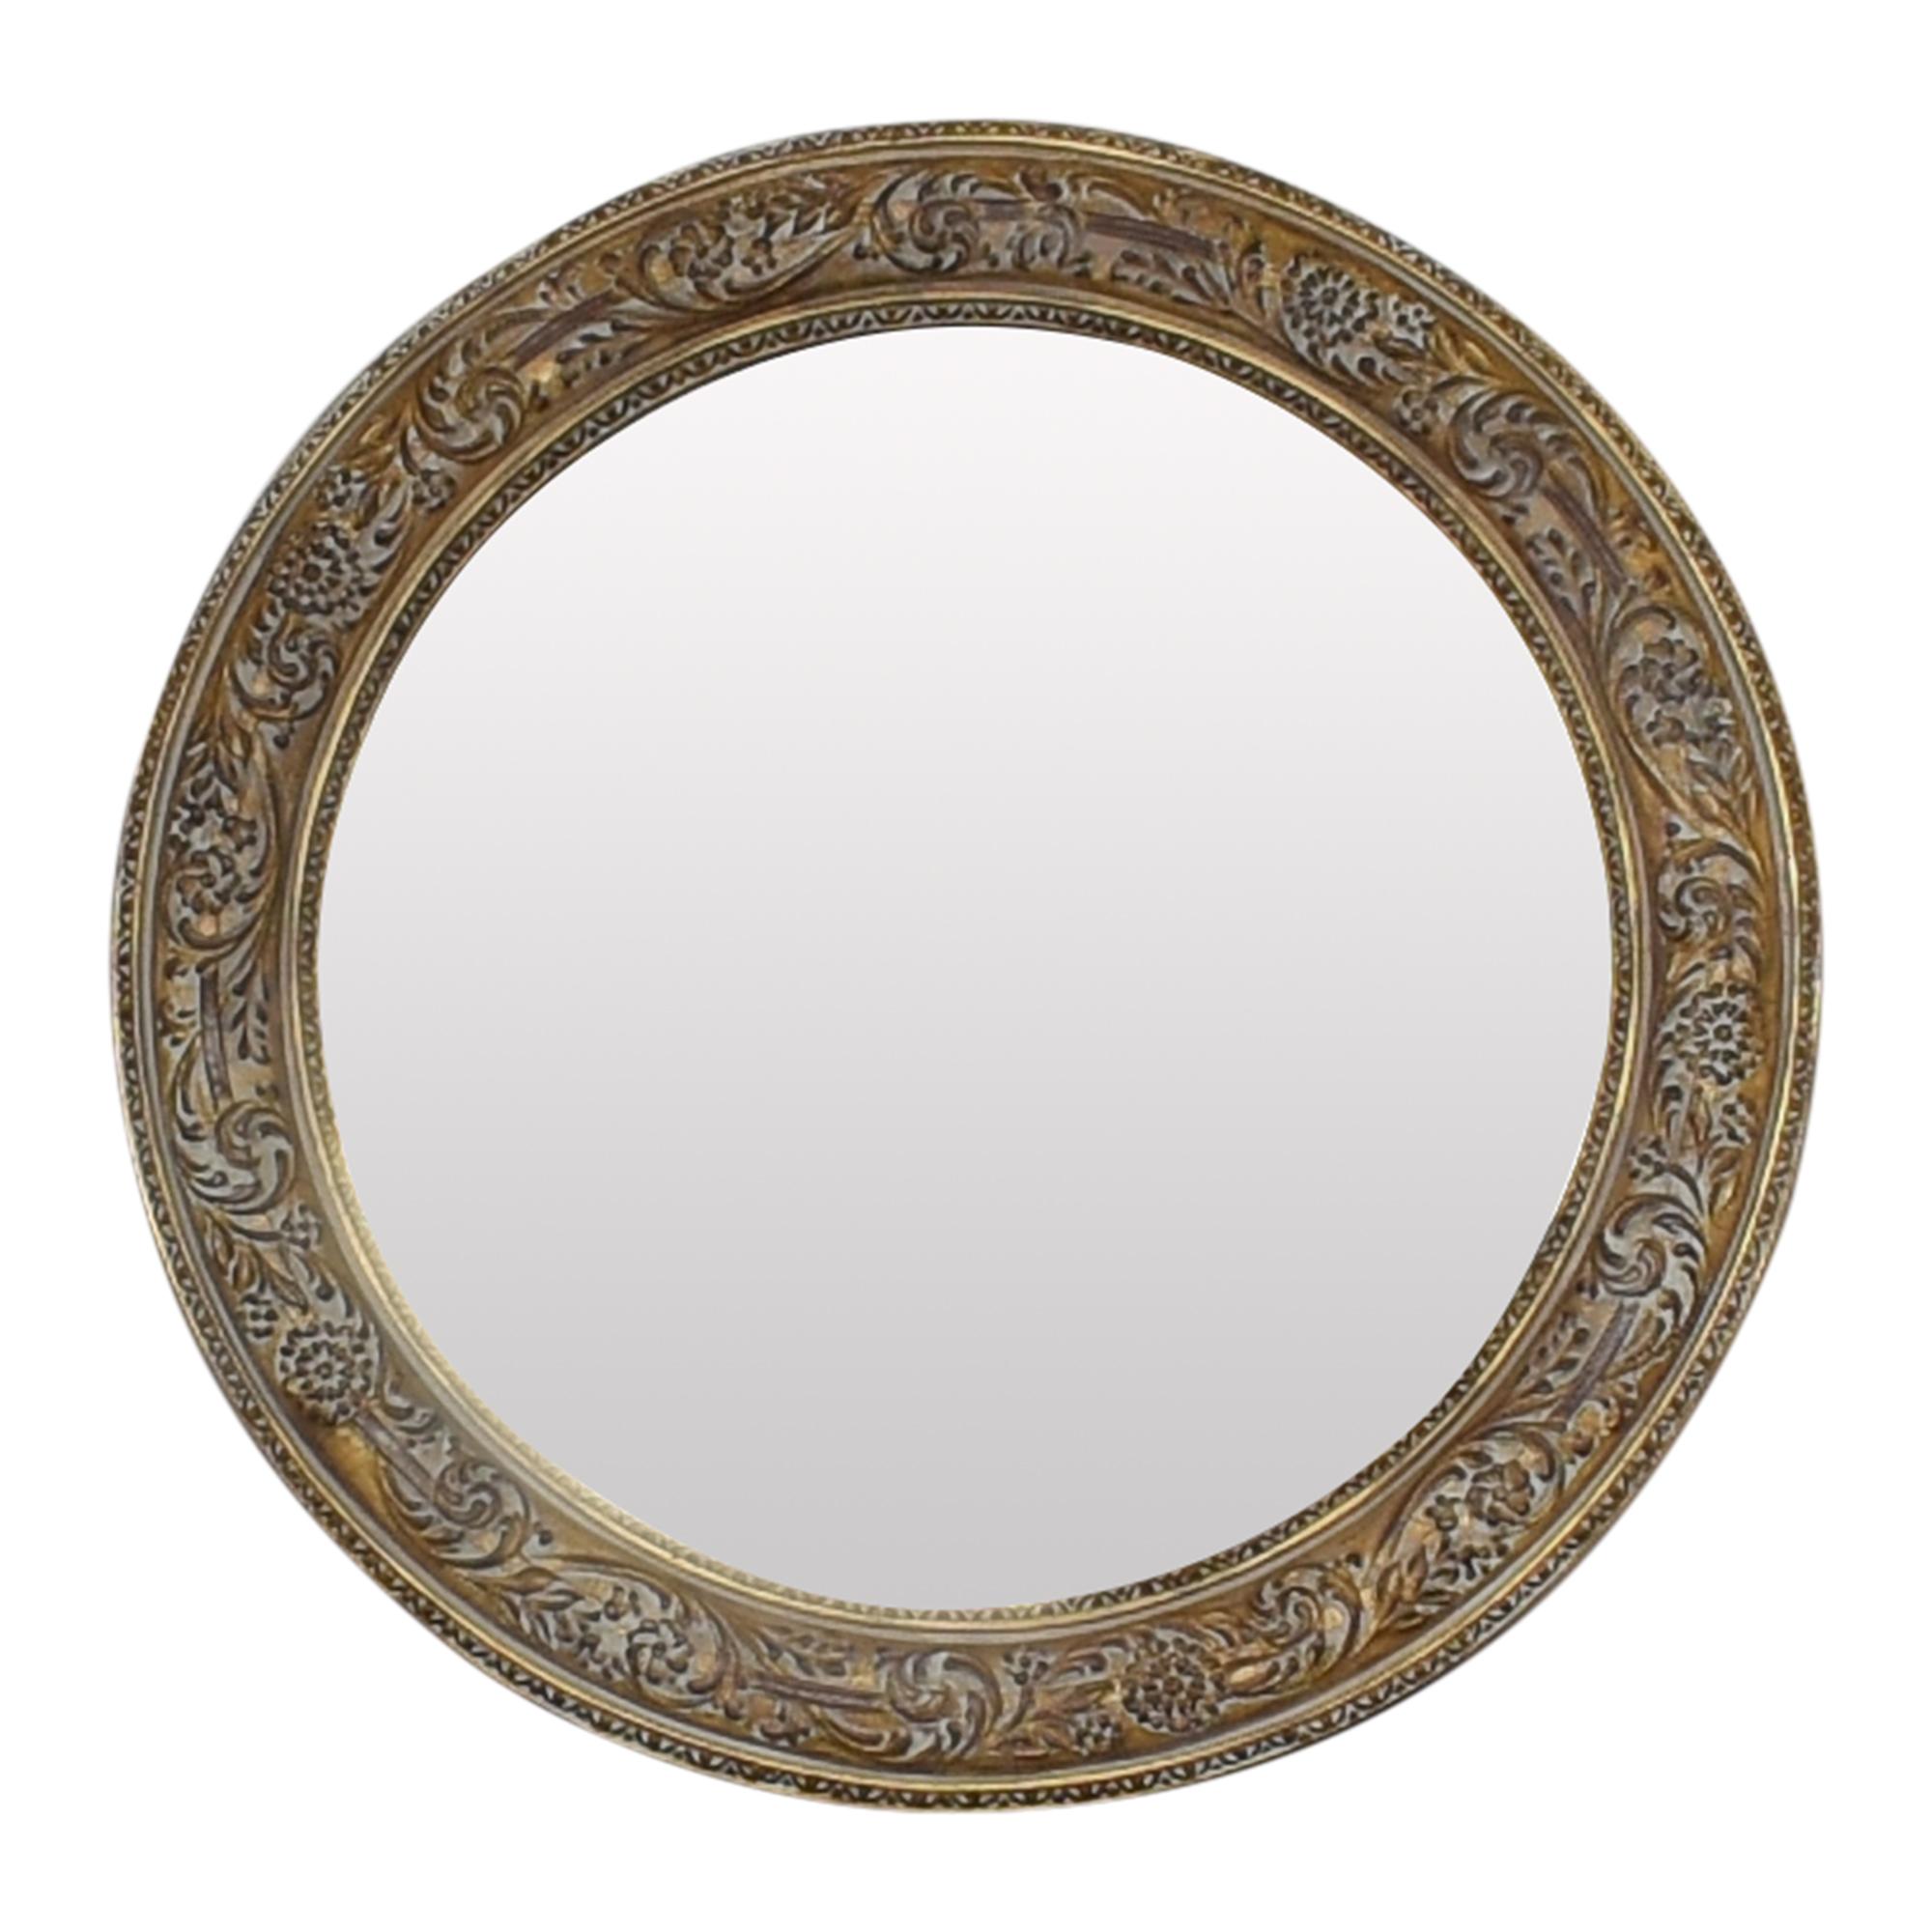 buy Ethan Allen Ornately Framed Mirror Ethan Allen Decor